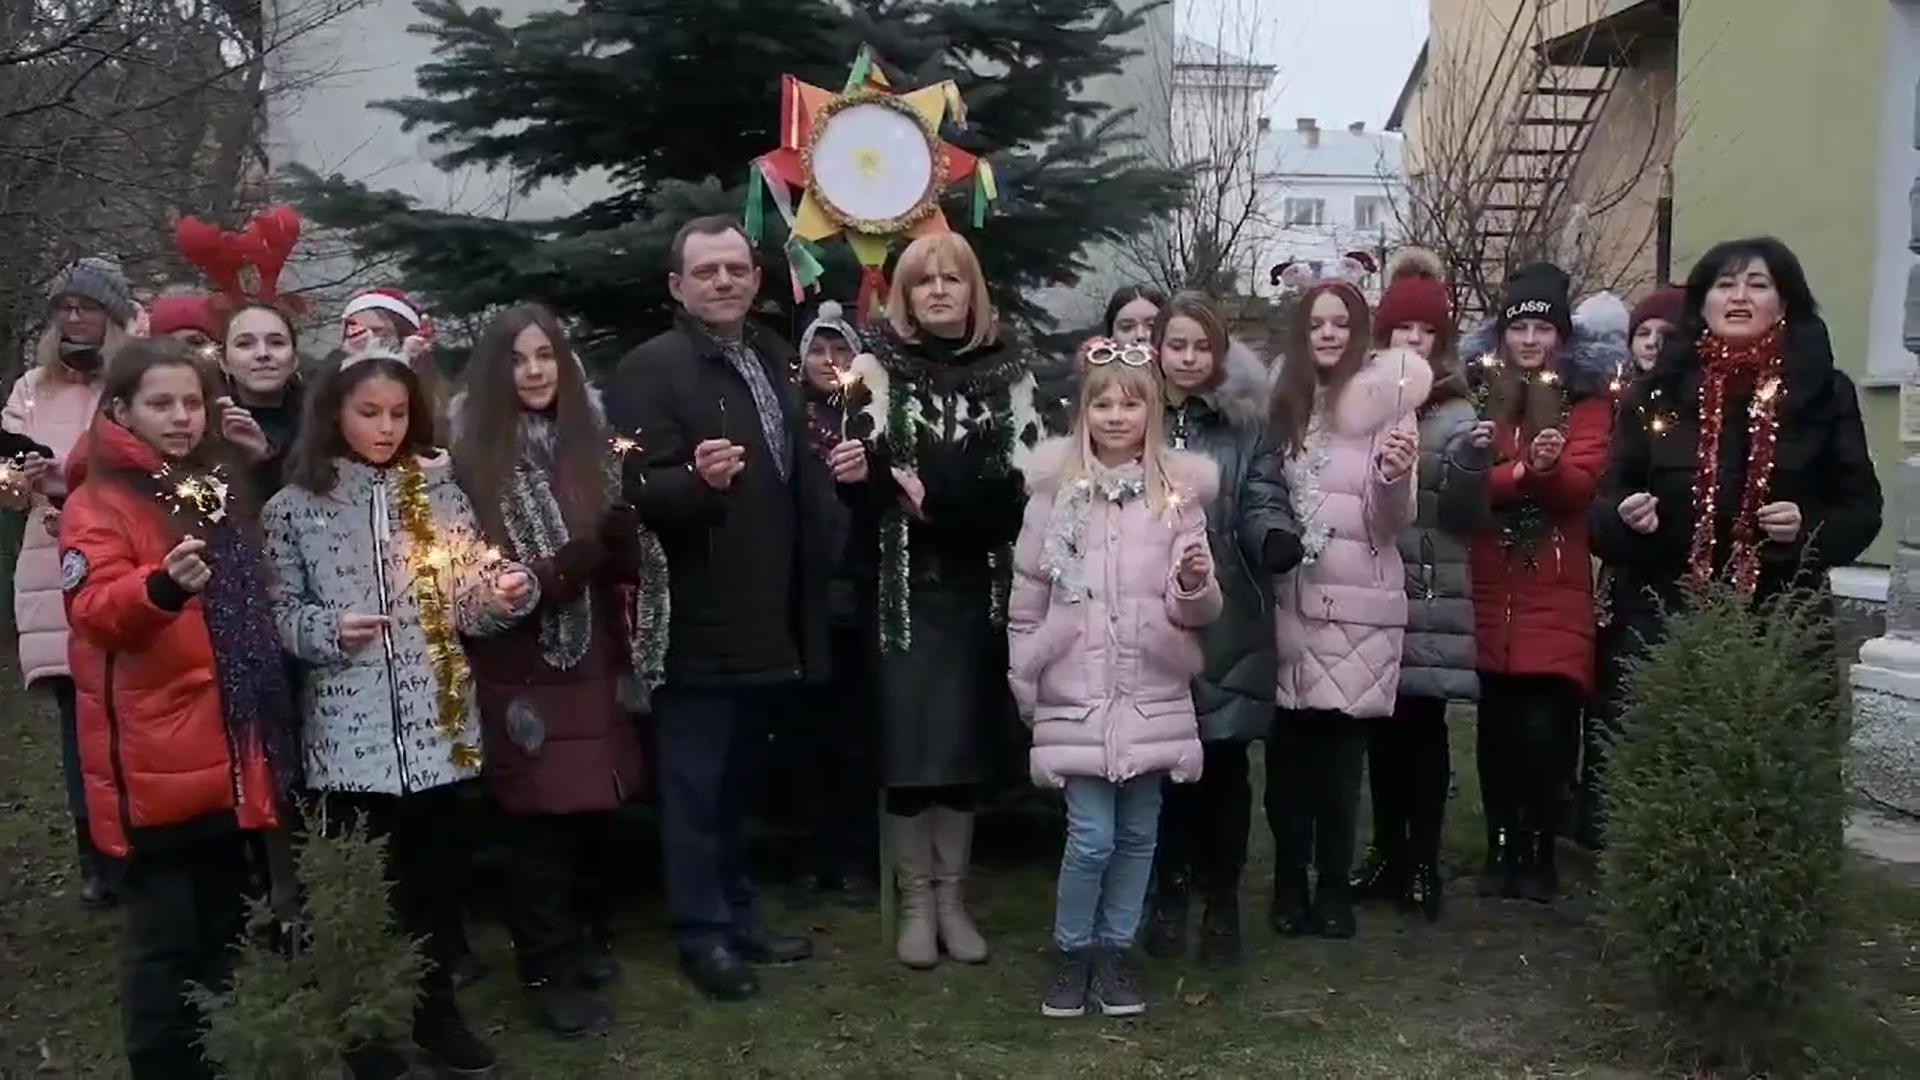 З Різдвом Христовим! Вітання Дрогобицької дитячої музичної школи №2 імені Р. Сороки